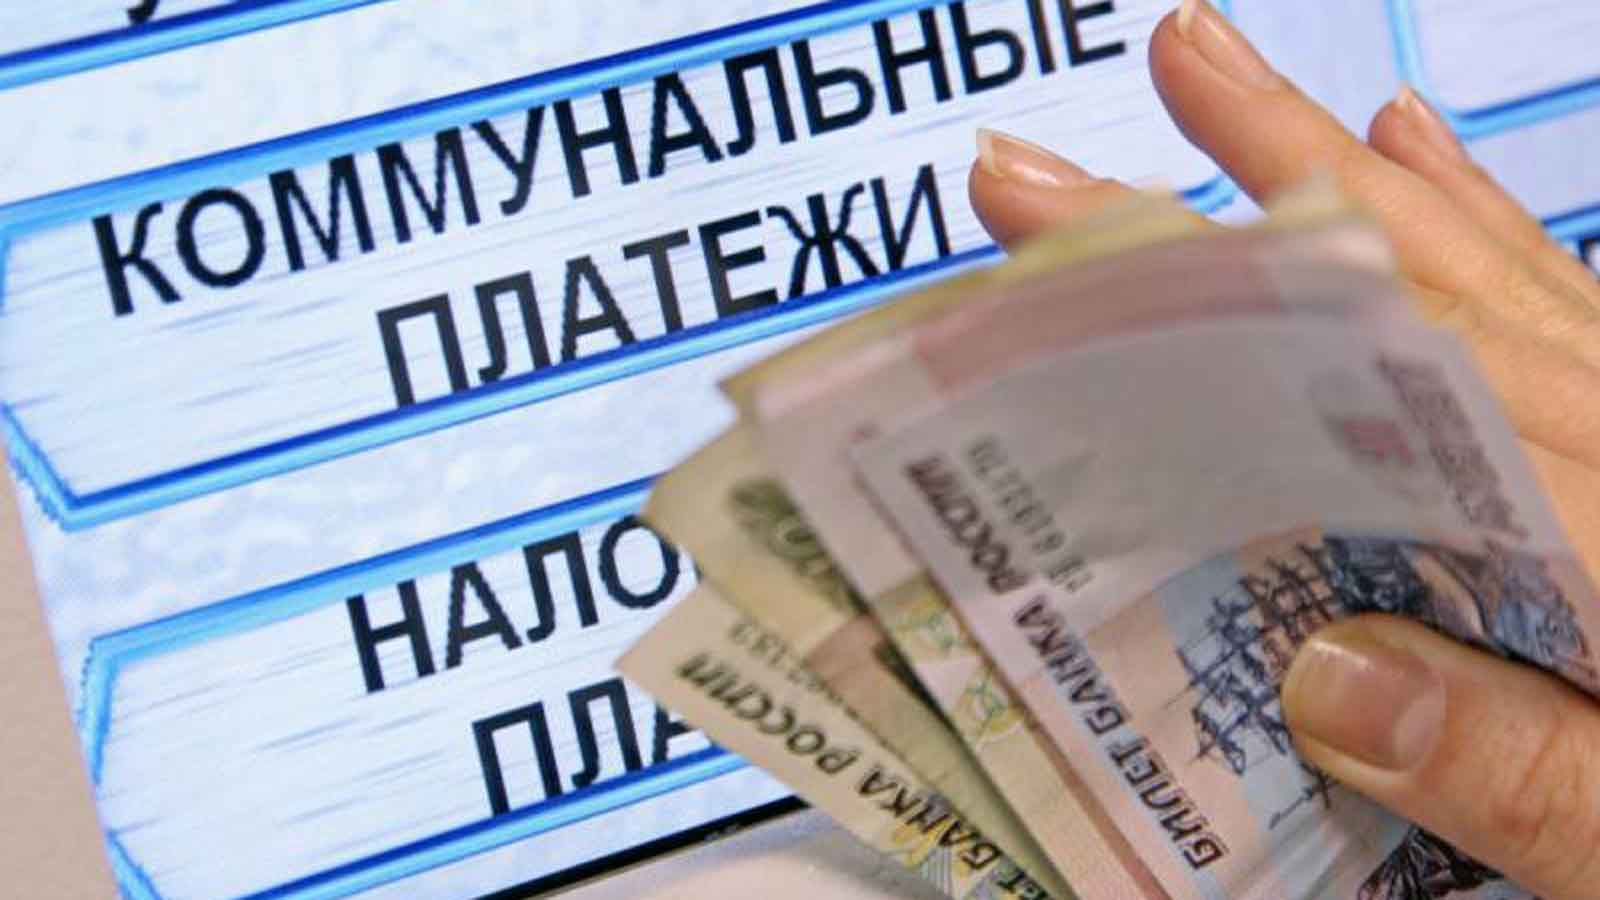 В Новоуральске УК работает с должниками через императив Канта